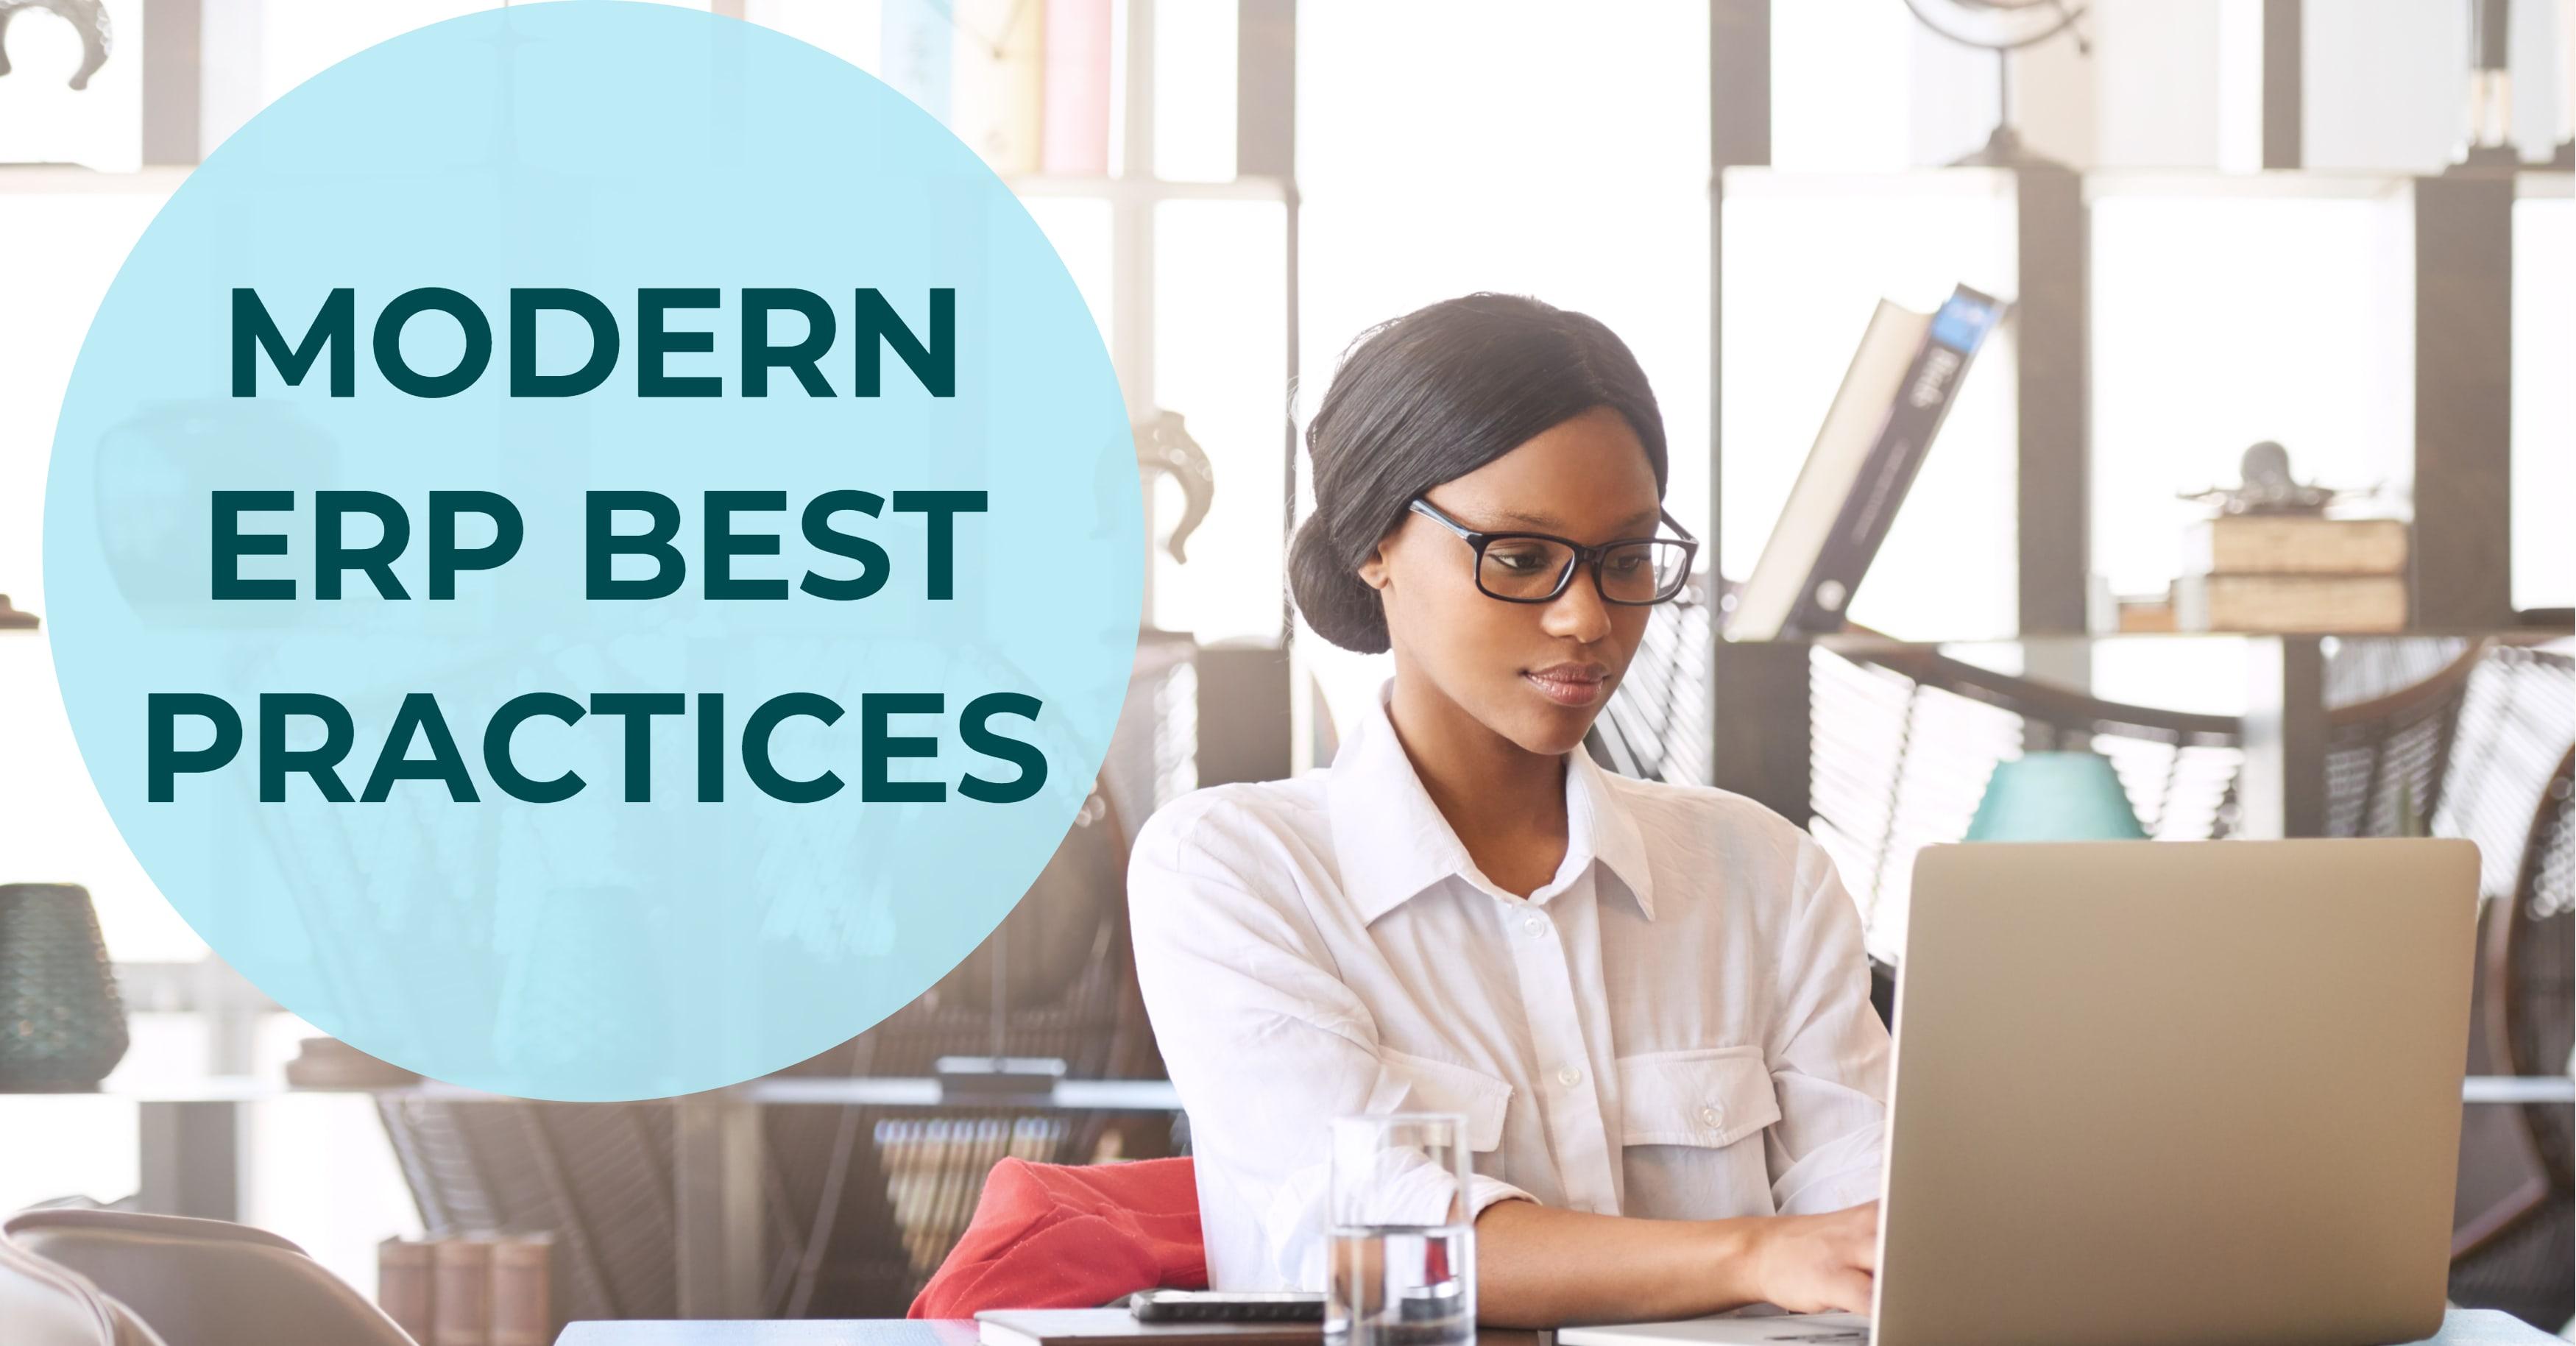 Modern ERP Best Practices